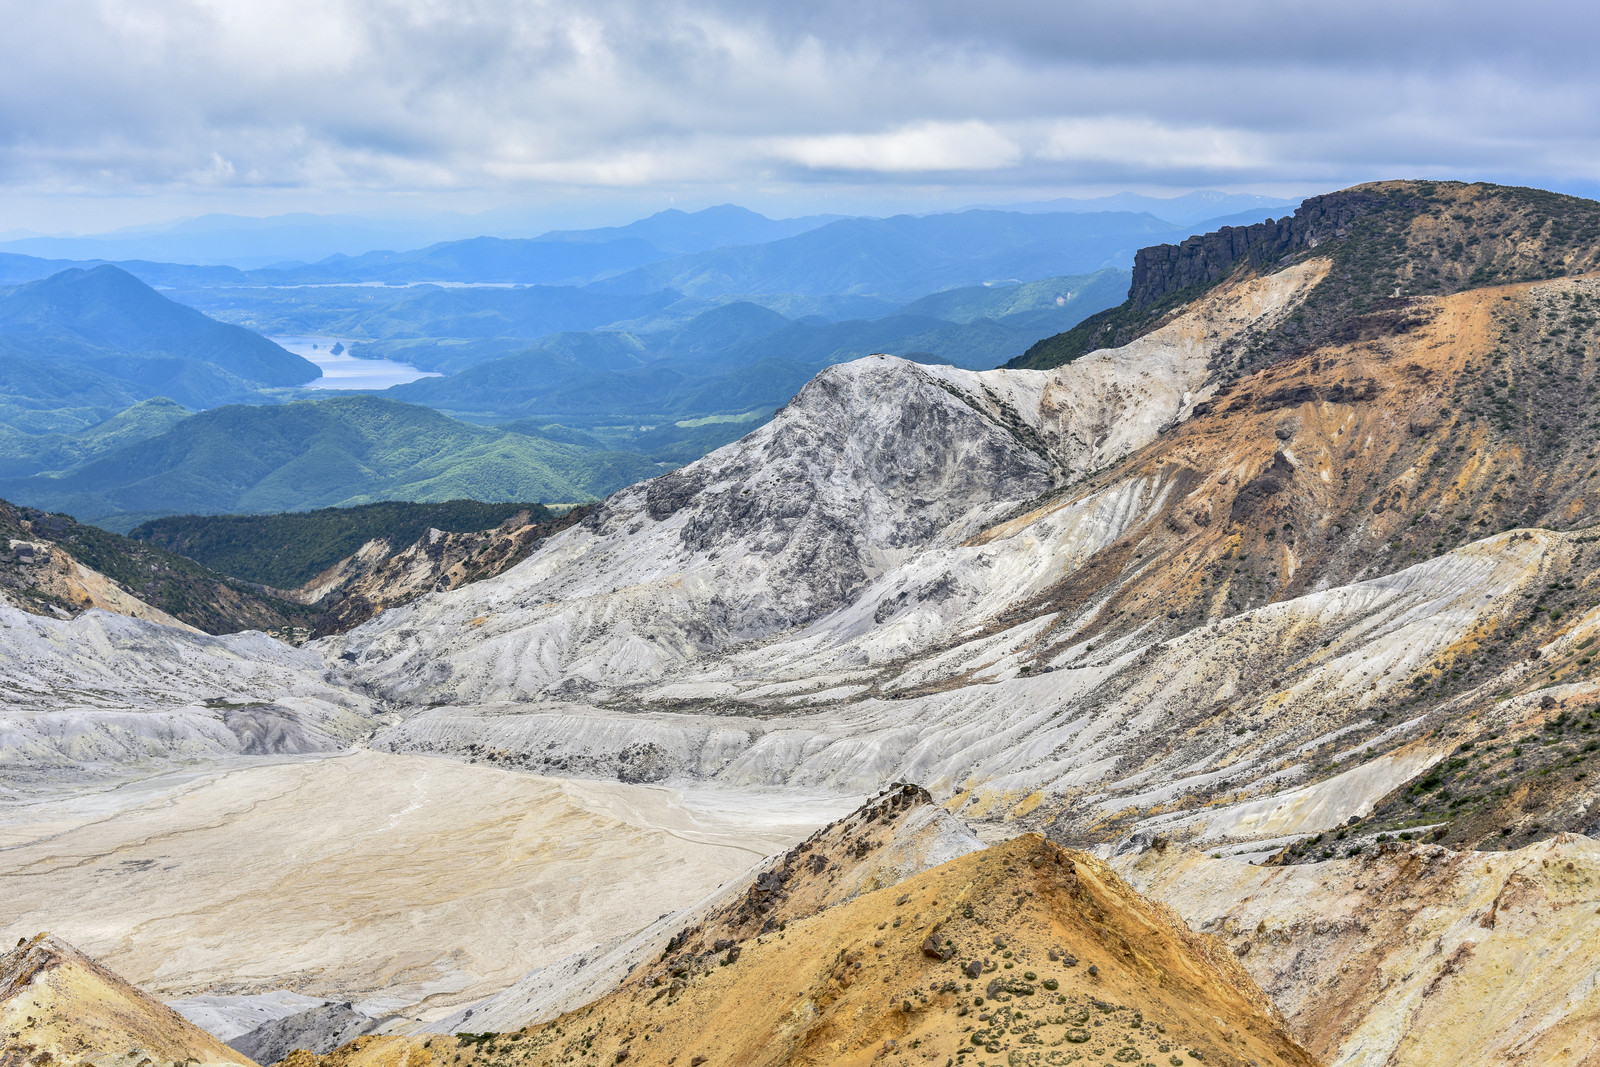 「安達太良山爆裂火口と秋元湖方面」の写真